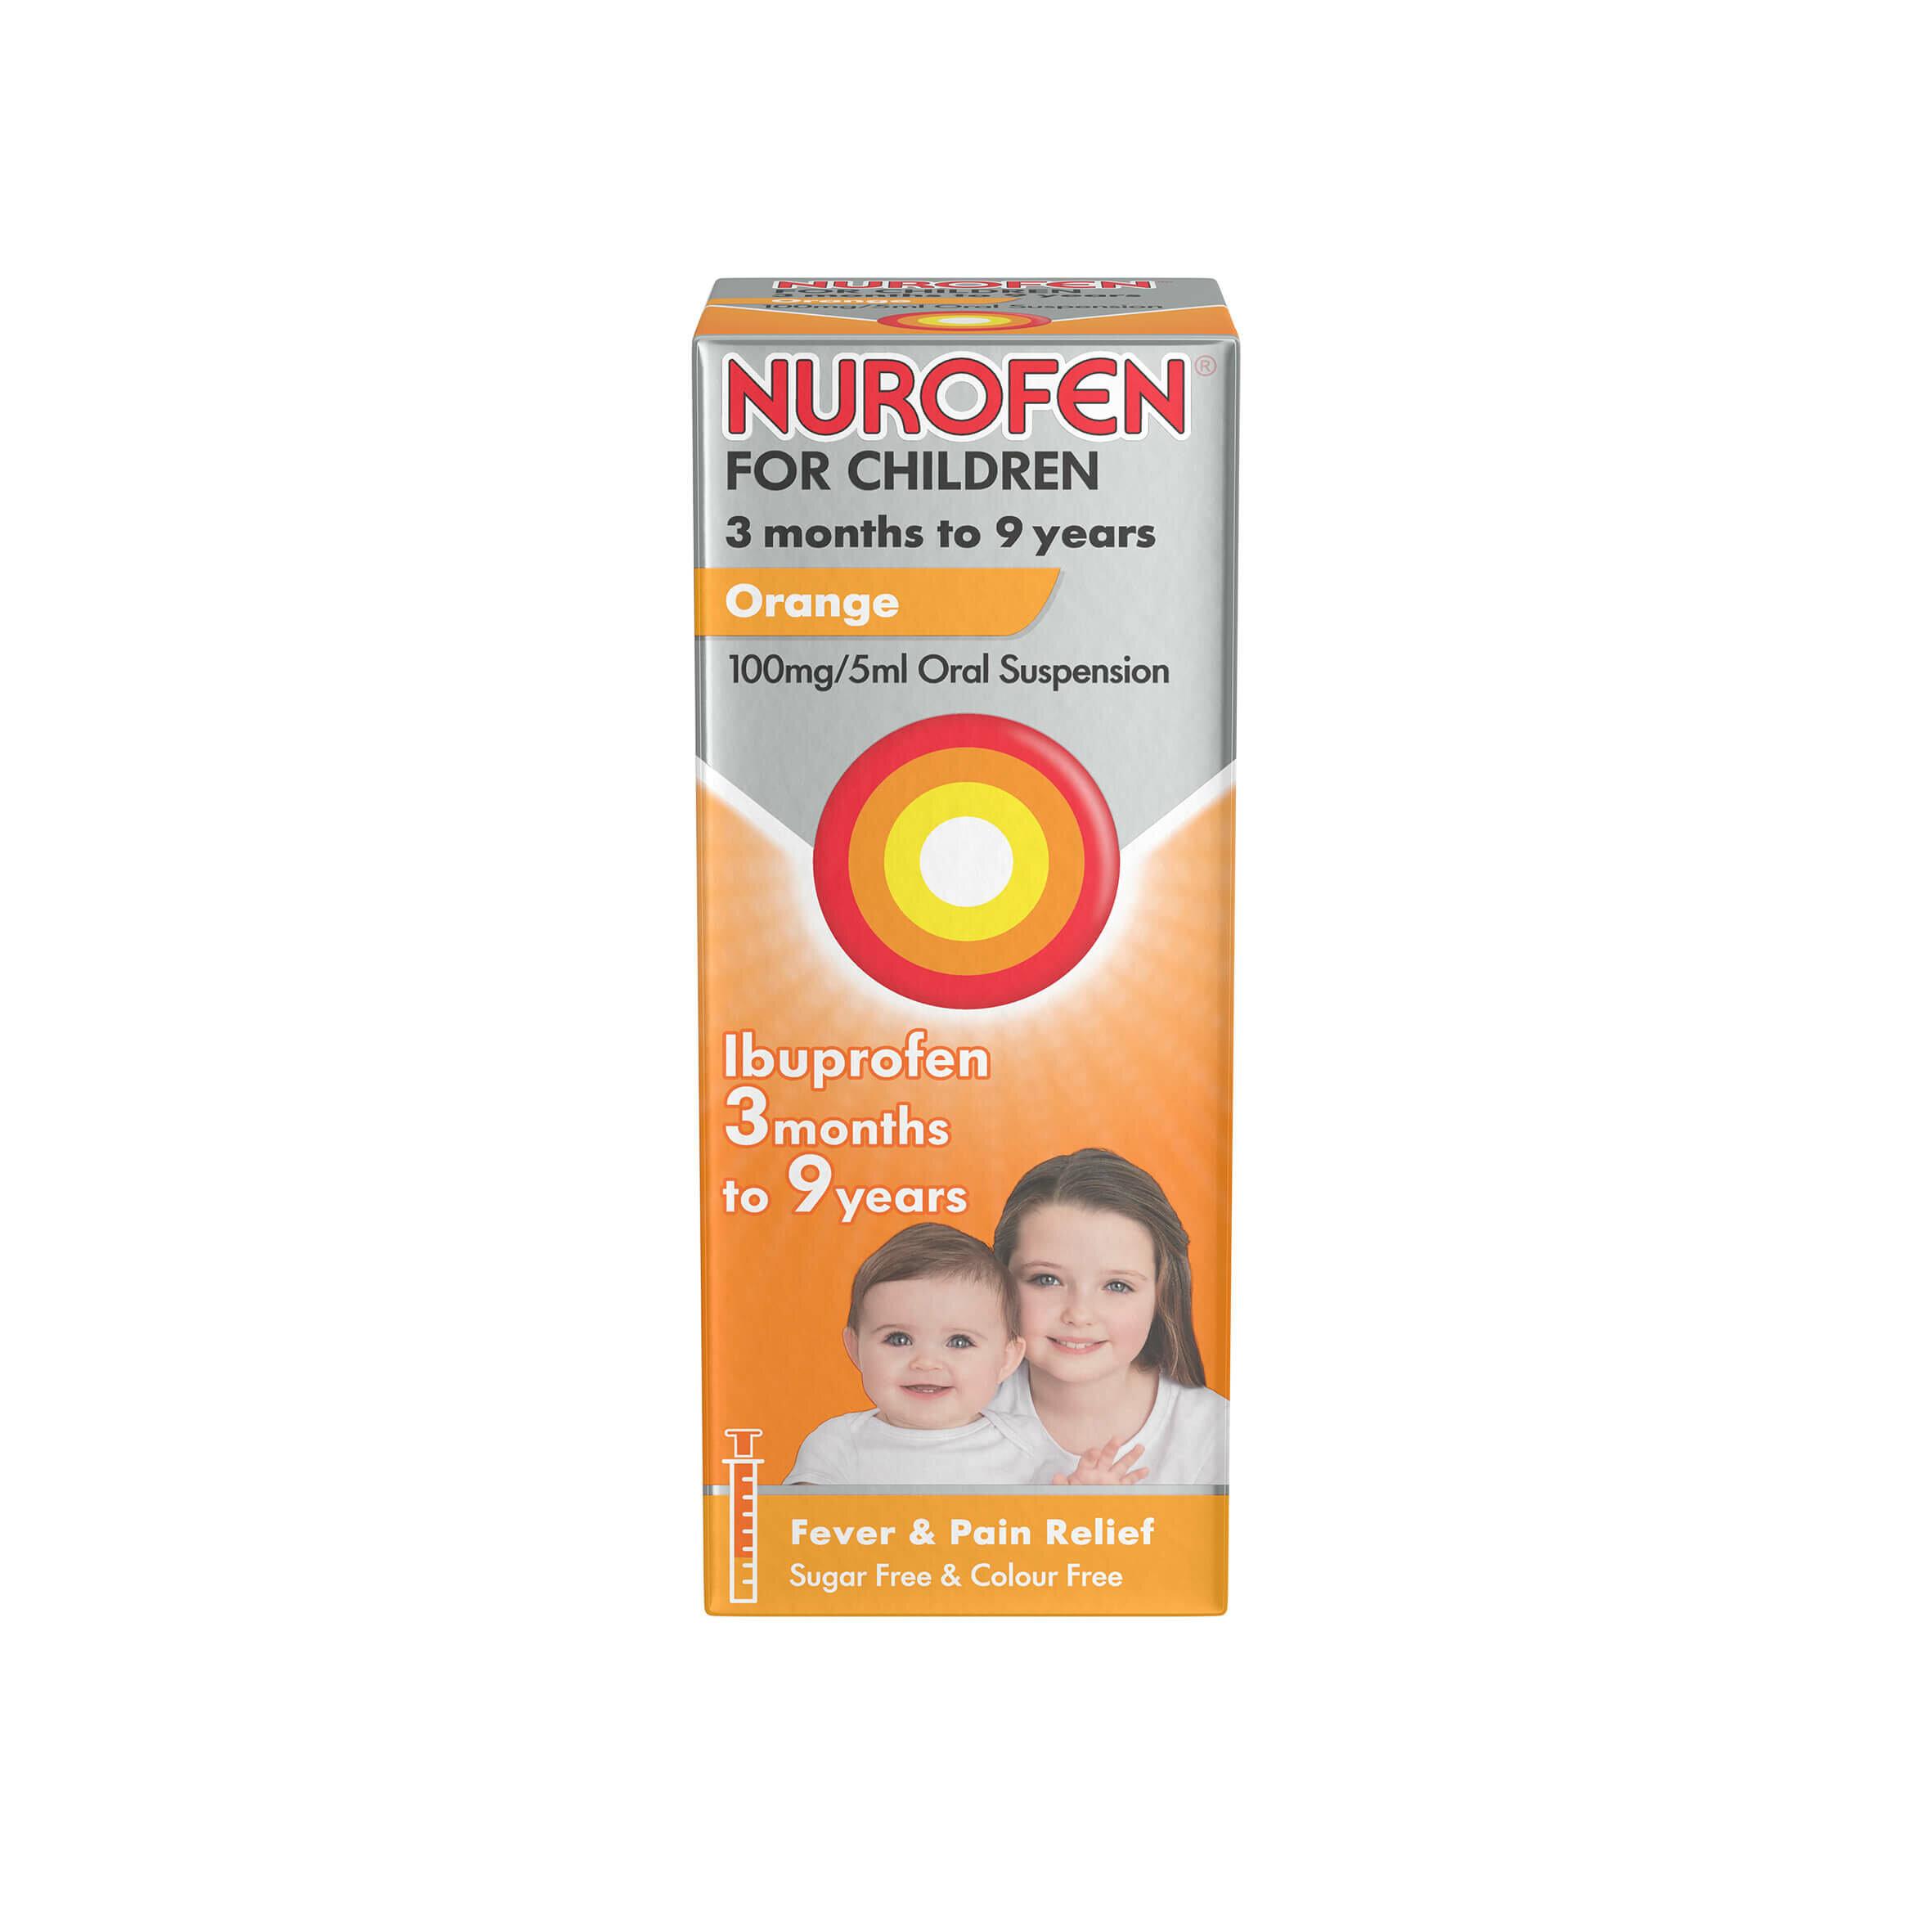 Nurofen For Children 3 Months To 9 Years Orange 100ml